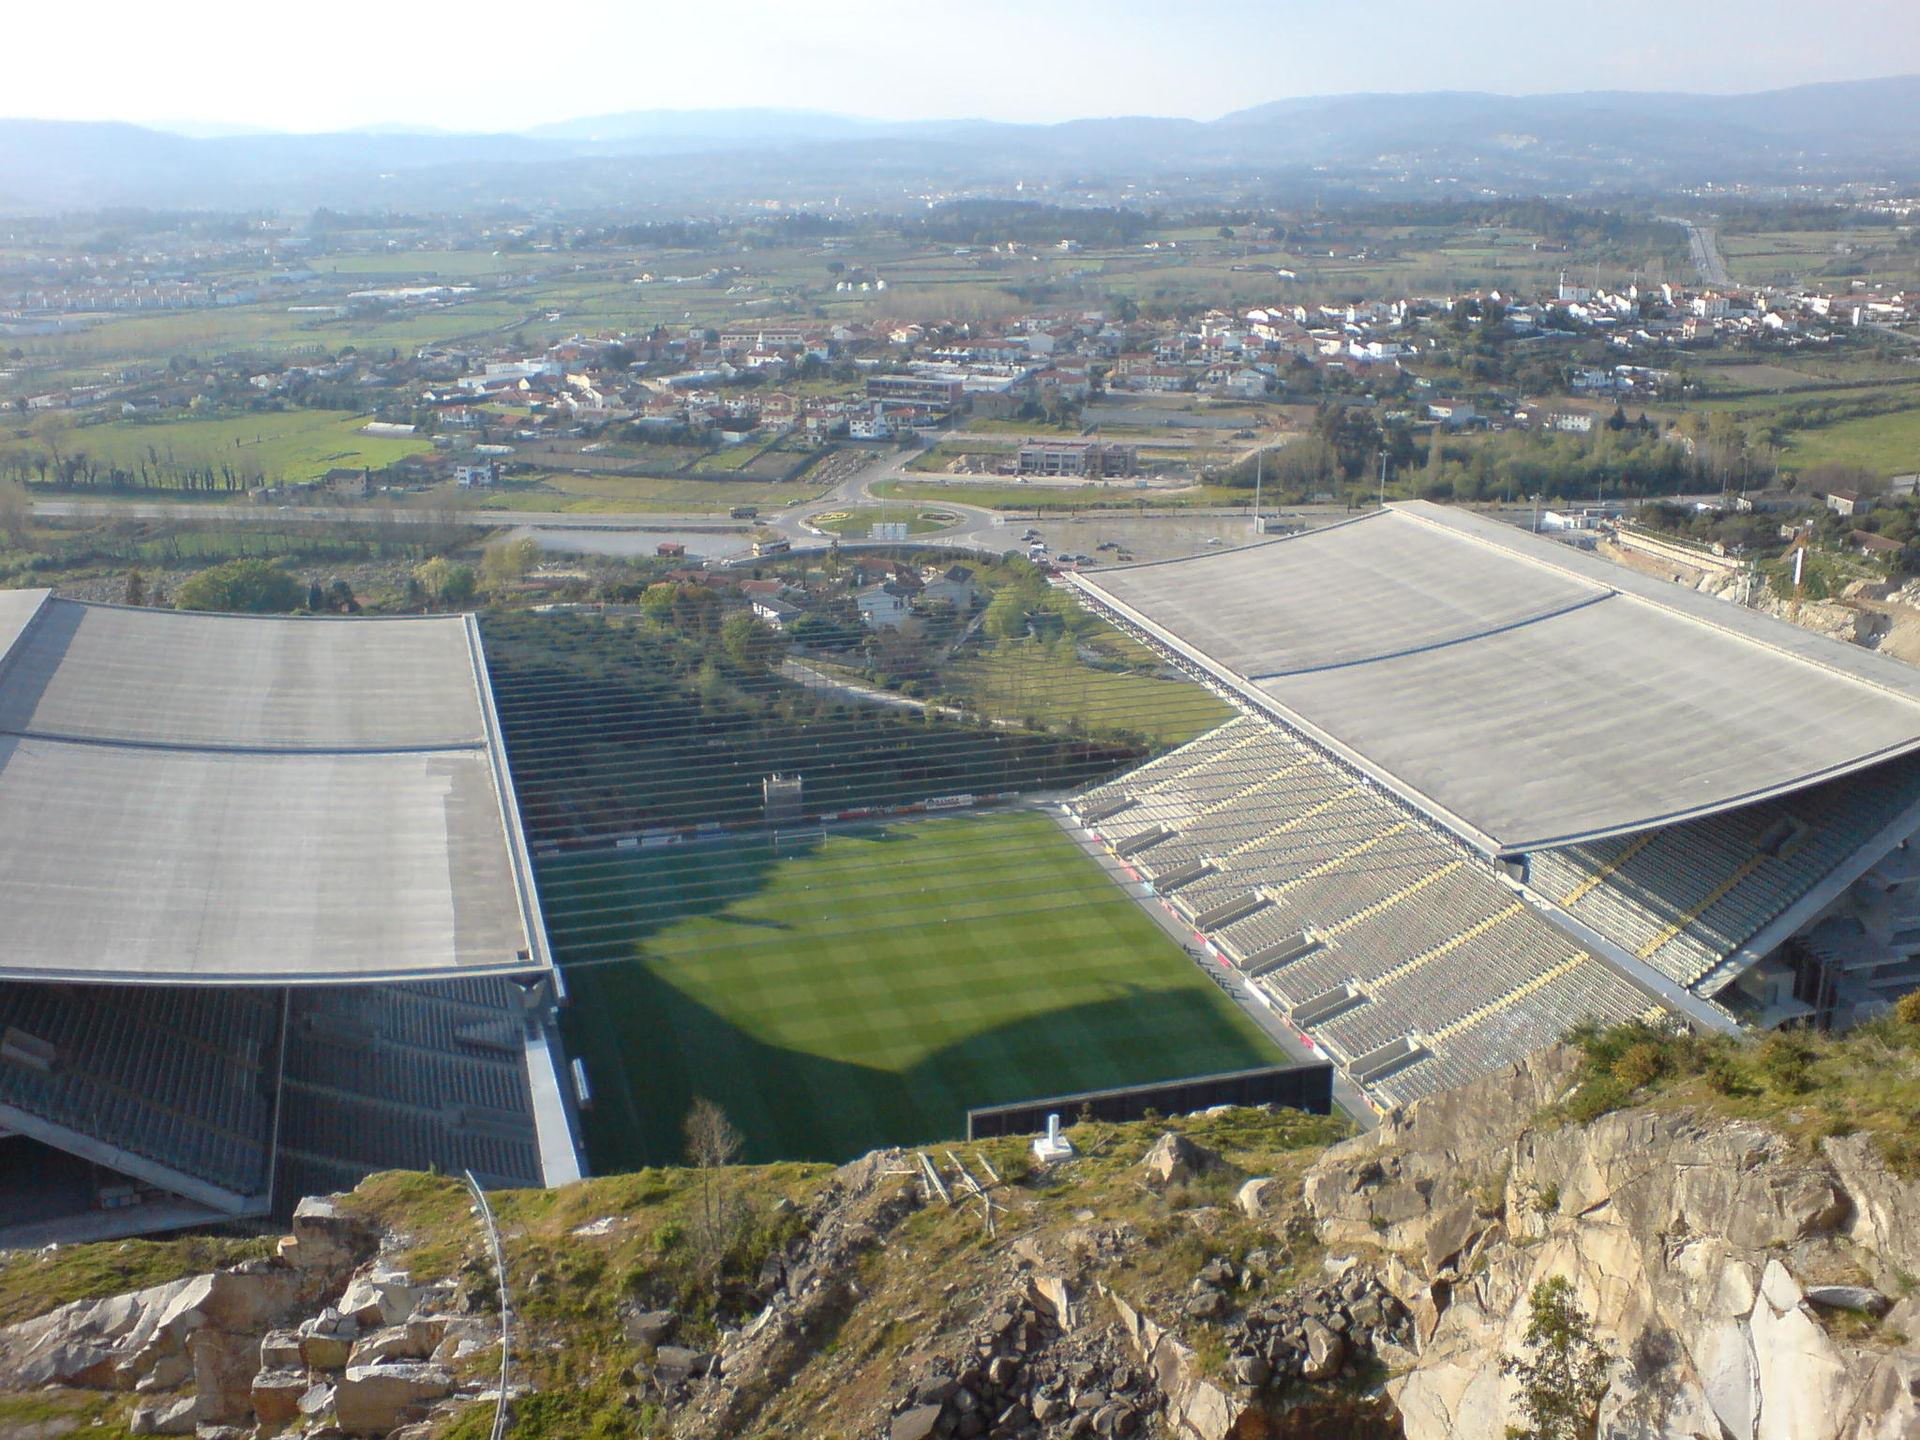 Eduardo Souto de Moura - Braga Stadium 02 (6010593292).jpg